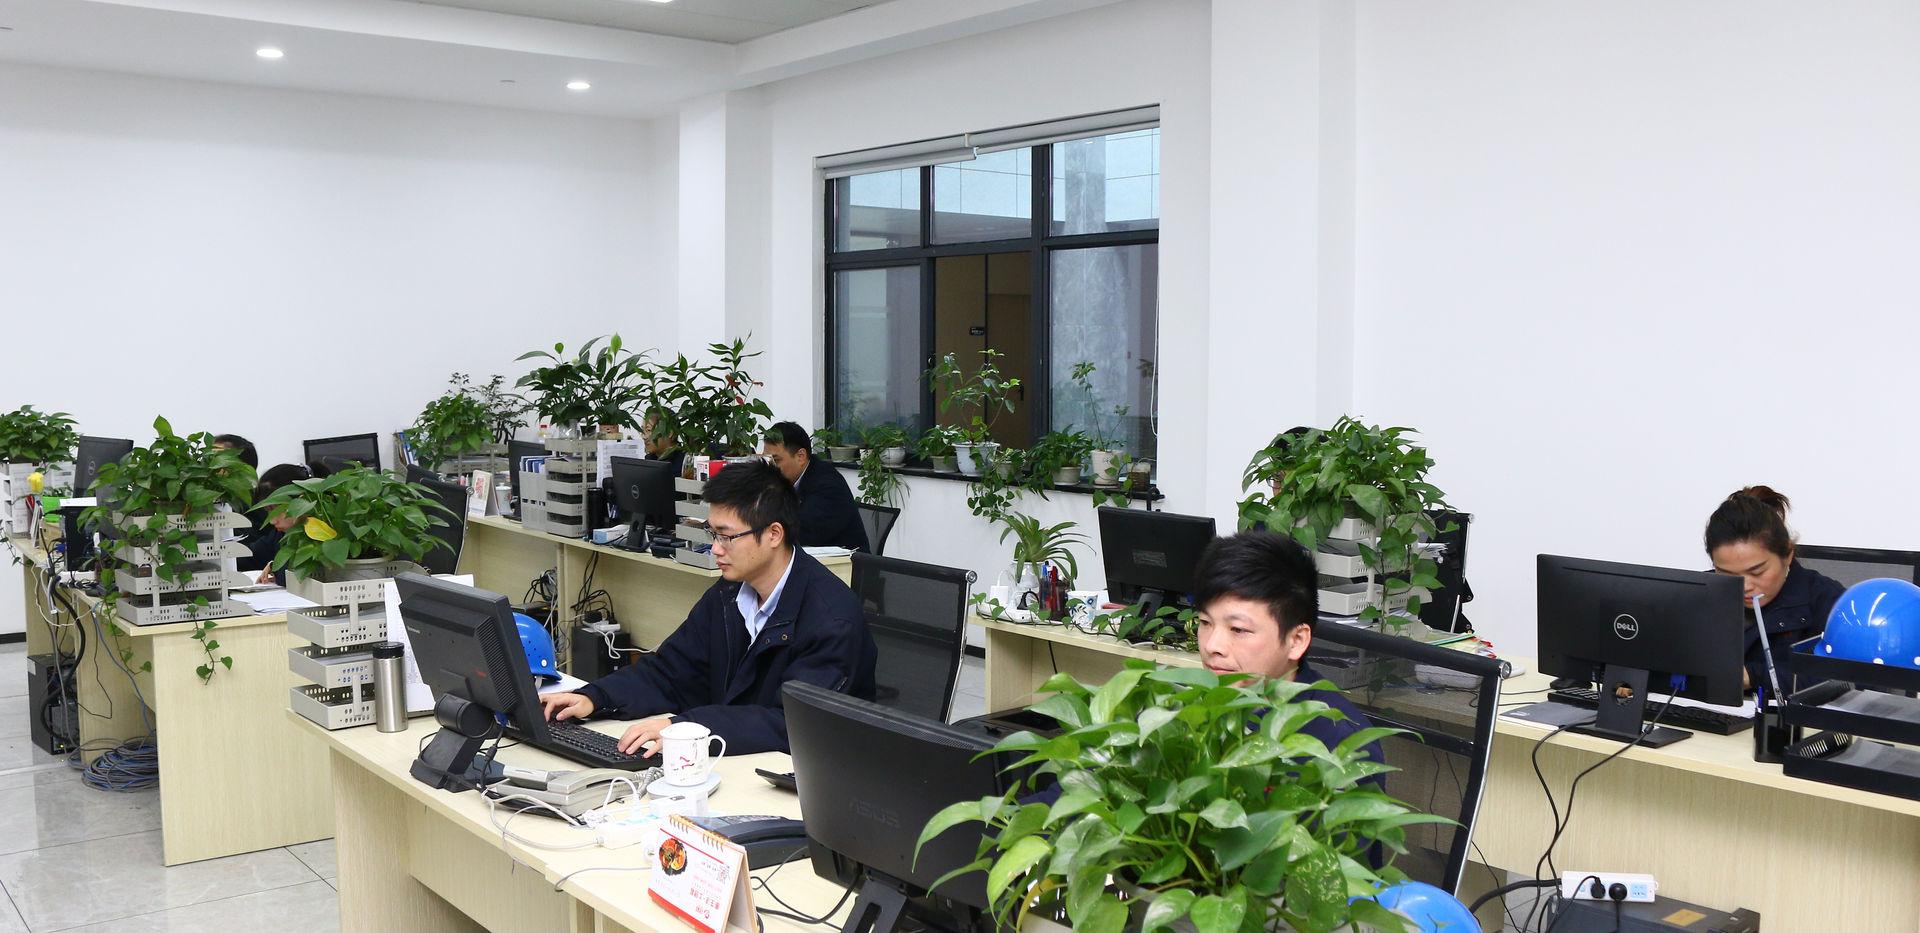 办公室环境 (2).JPG